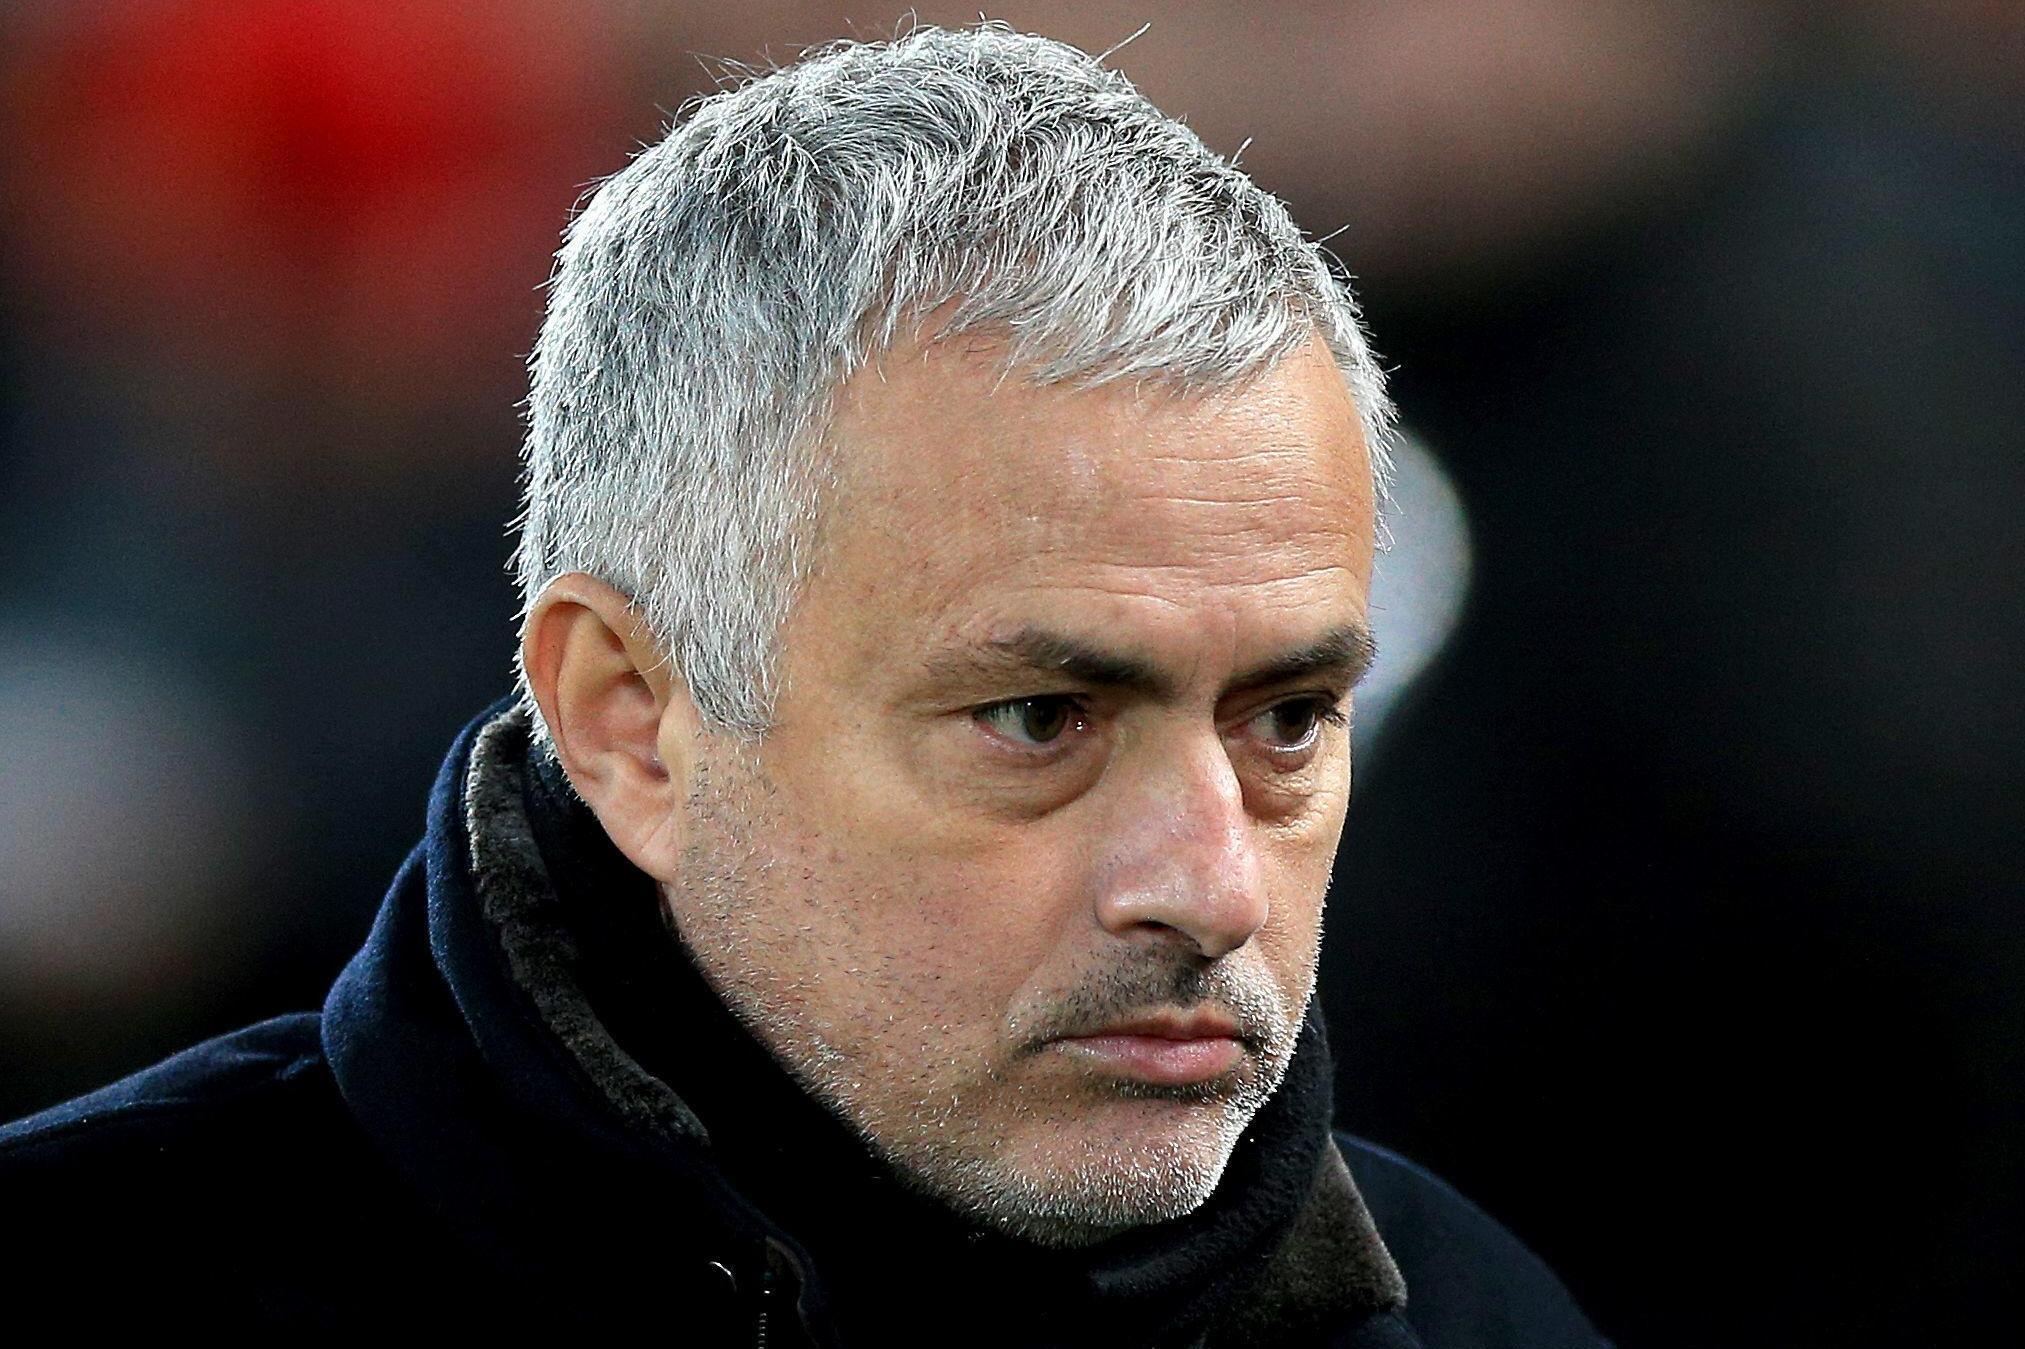 Jose Mourinho facing Man Utd sack if team continue to flop over Christmas period